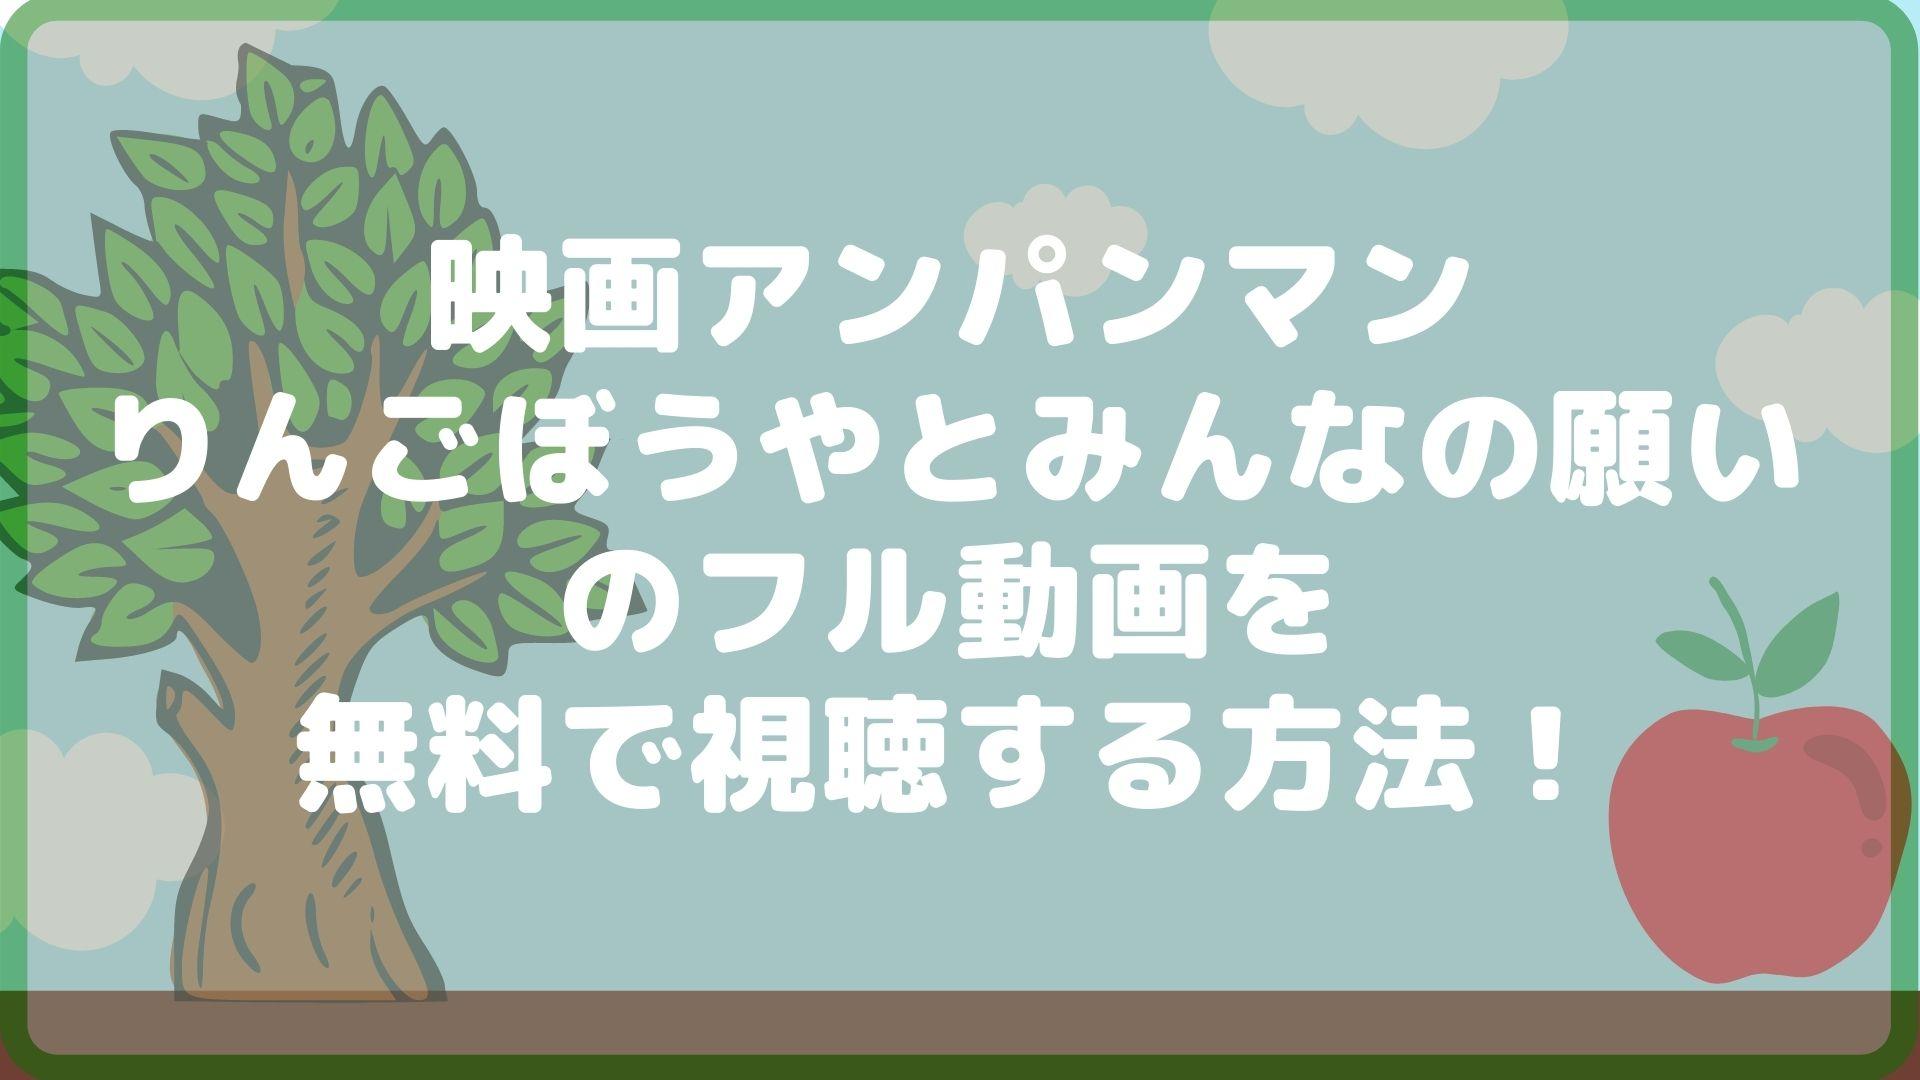 映画アンパンマンりんごぼうやとみんなの願いのフル動画を無料で視聴する方法!タイトル画像